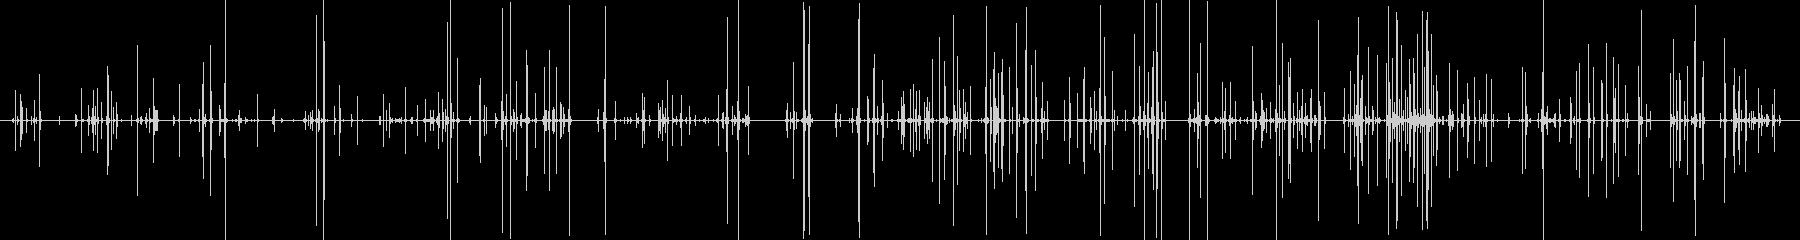 カチカチ(ゲームコントローラーの音)の未再生の波形